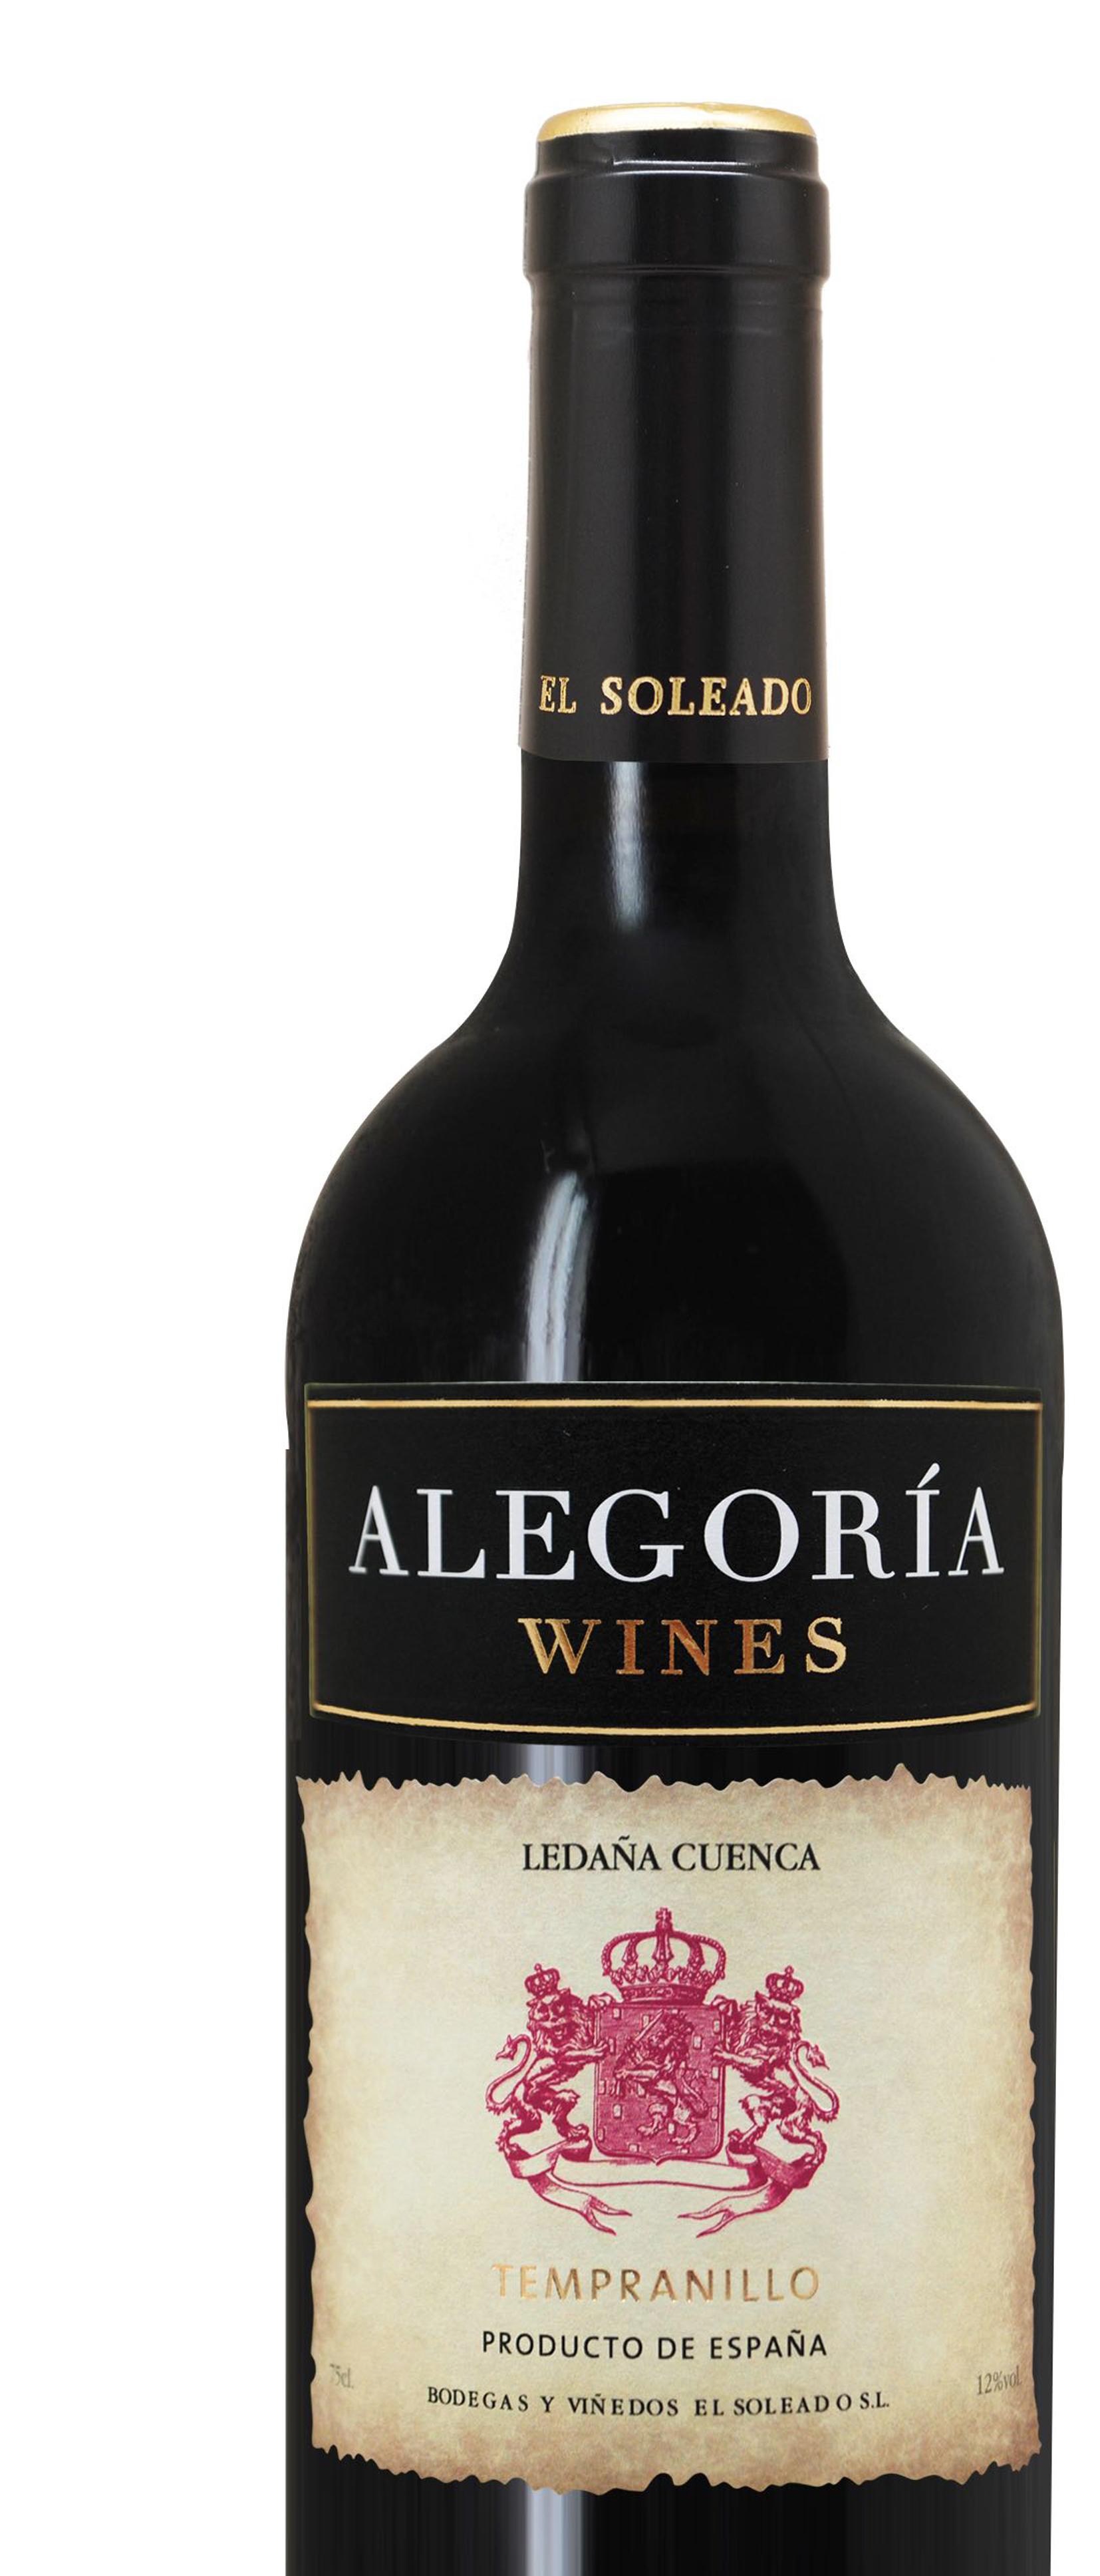 Alegoria Wines